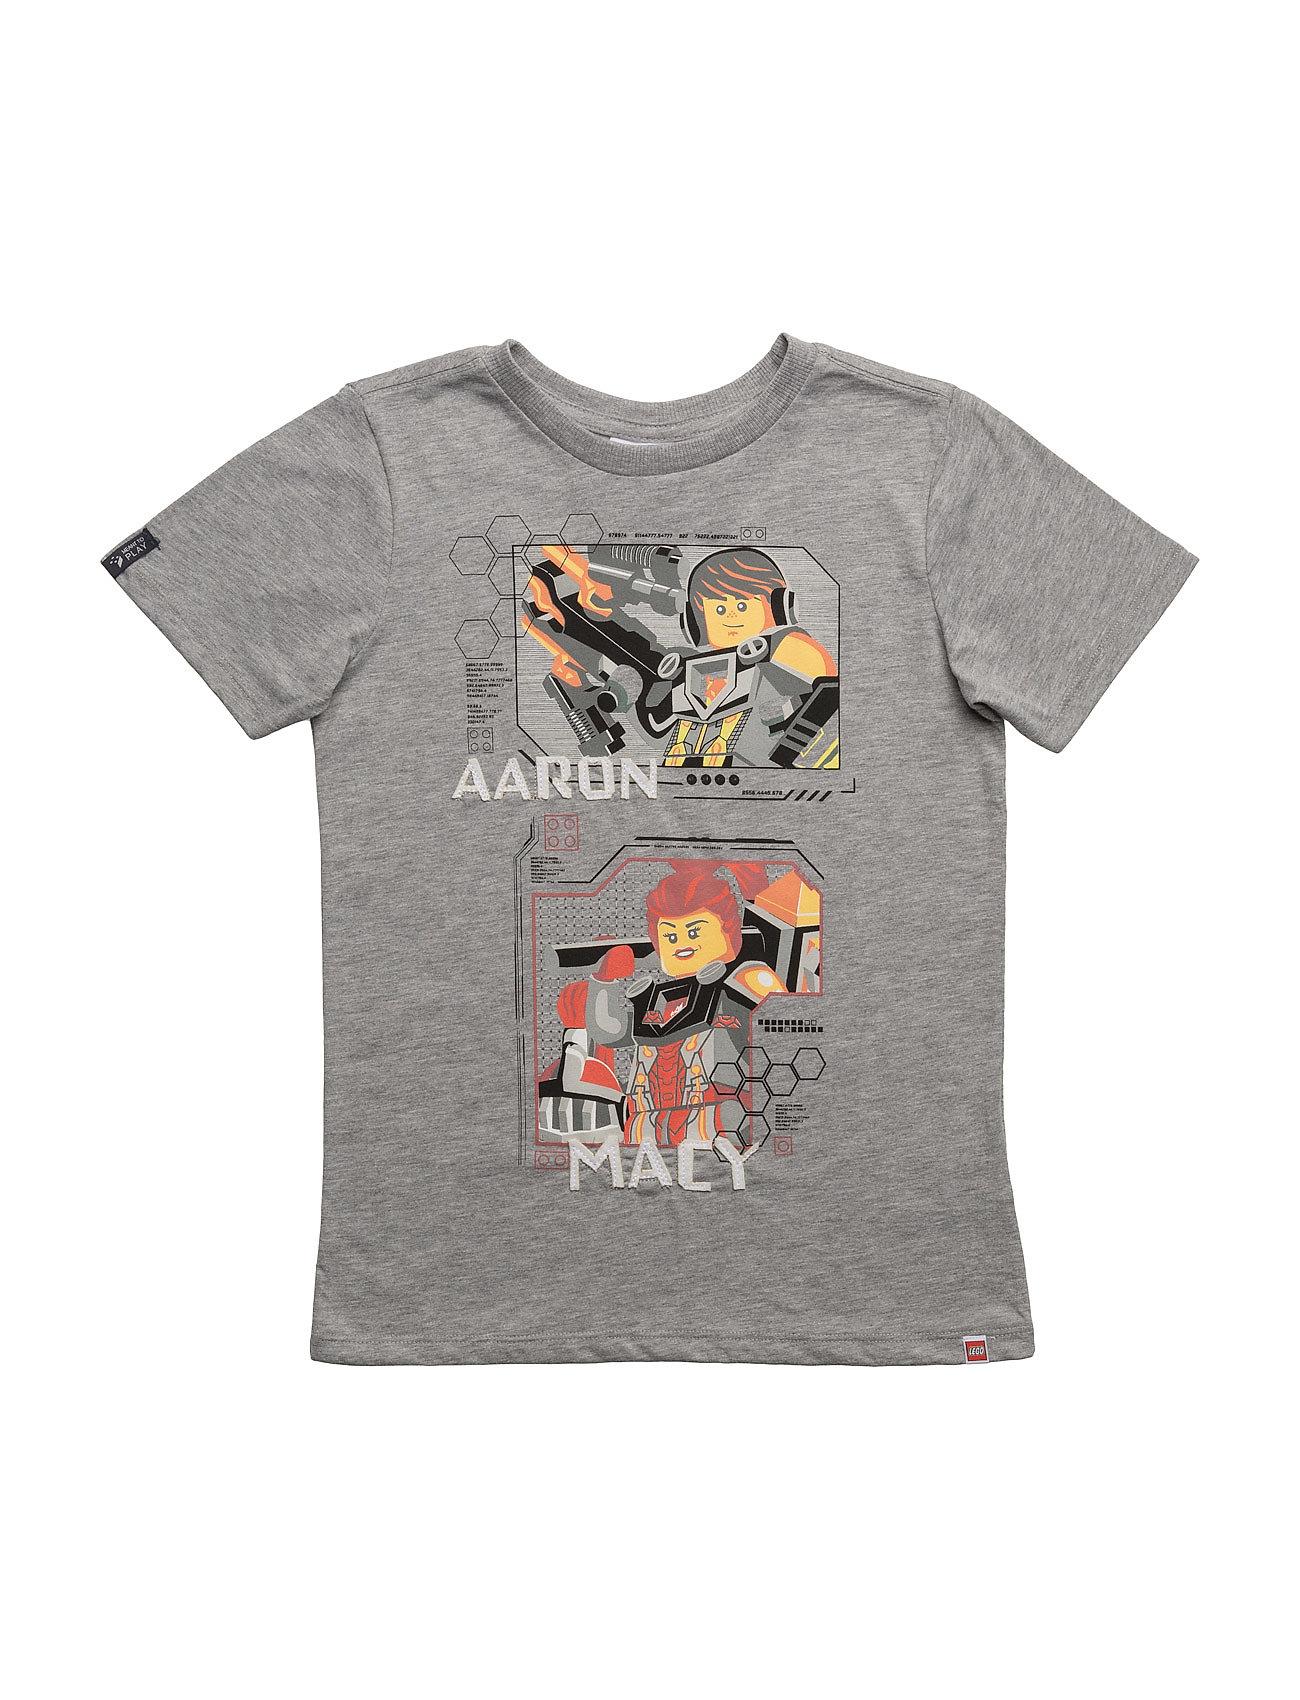 Teo 605 - T-Shirt S/S Lego wear Kortærmede t-shirts til Børn i Grey Melange